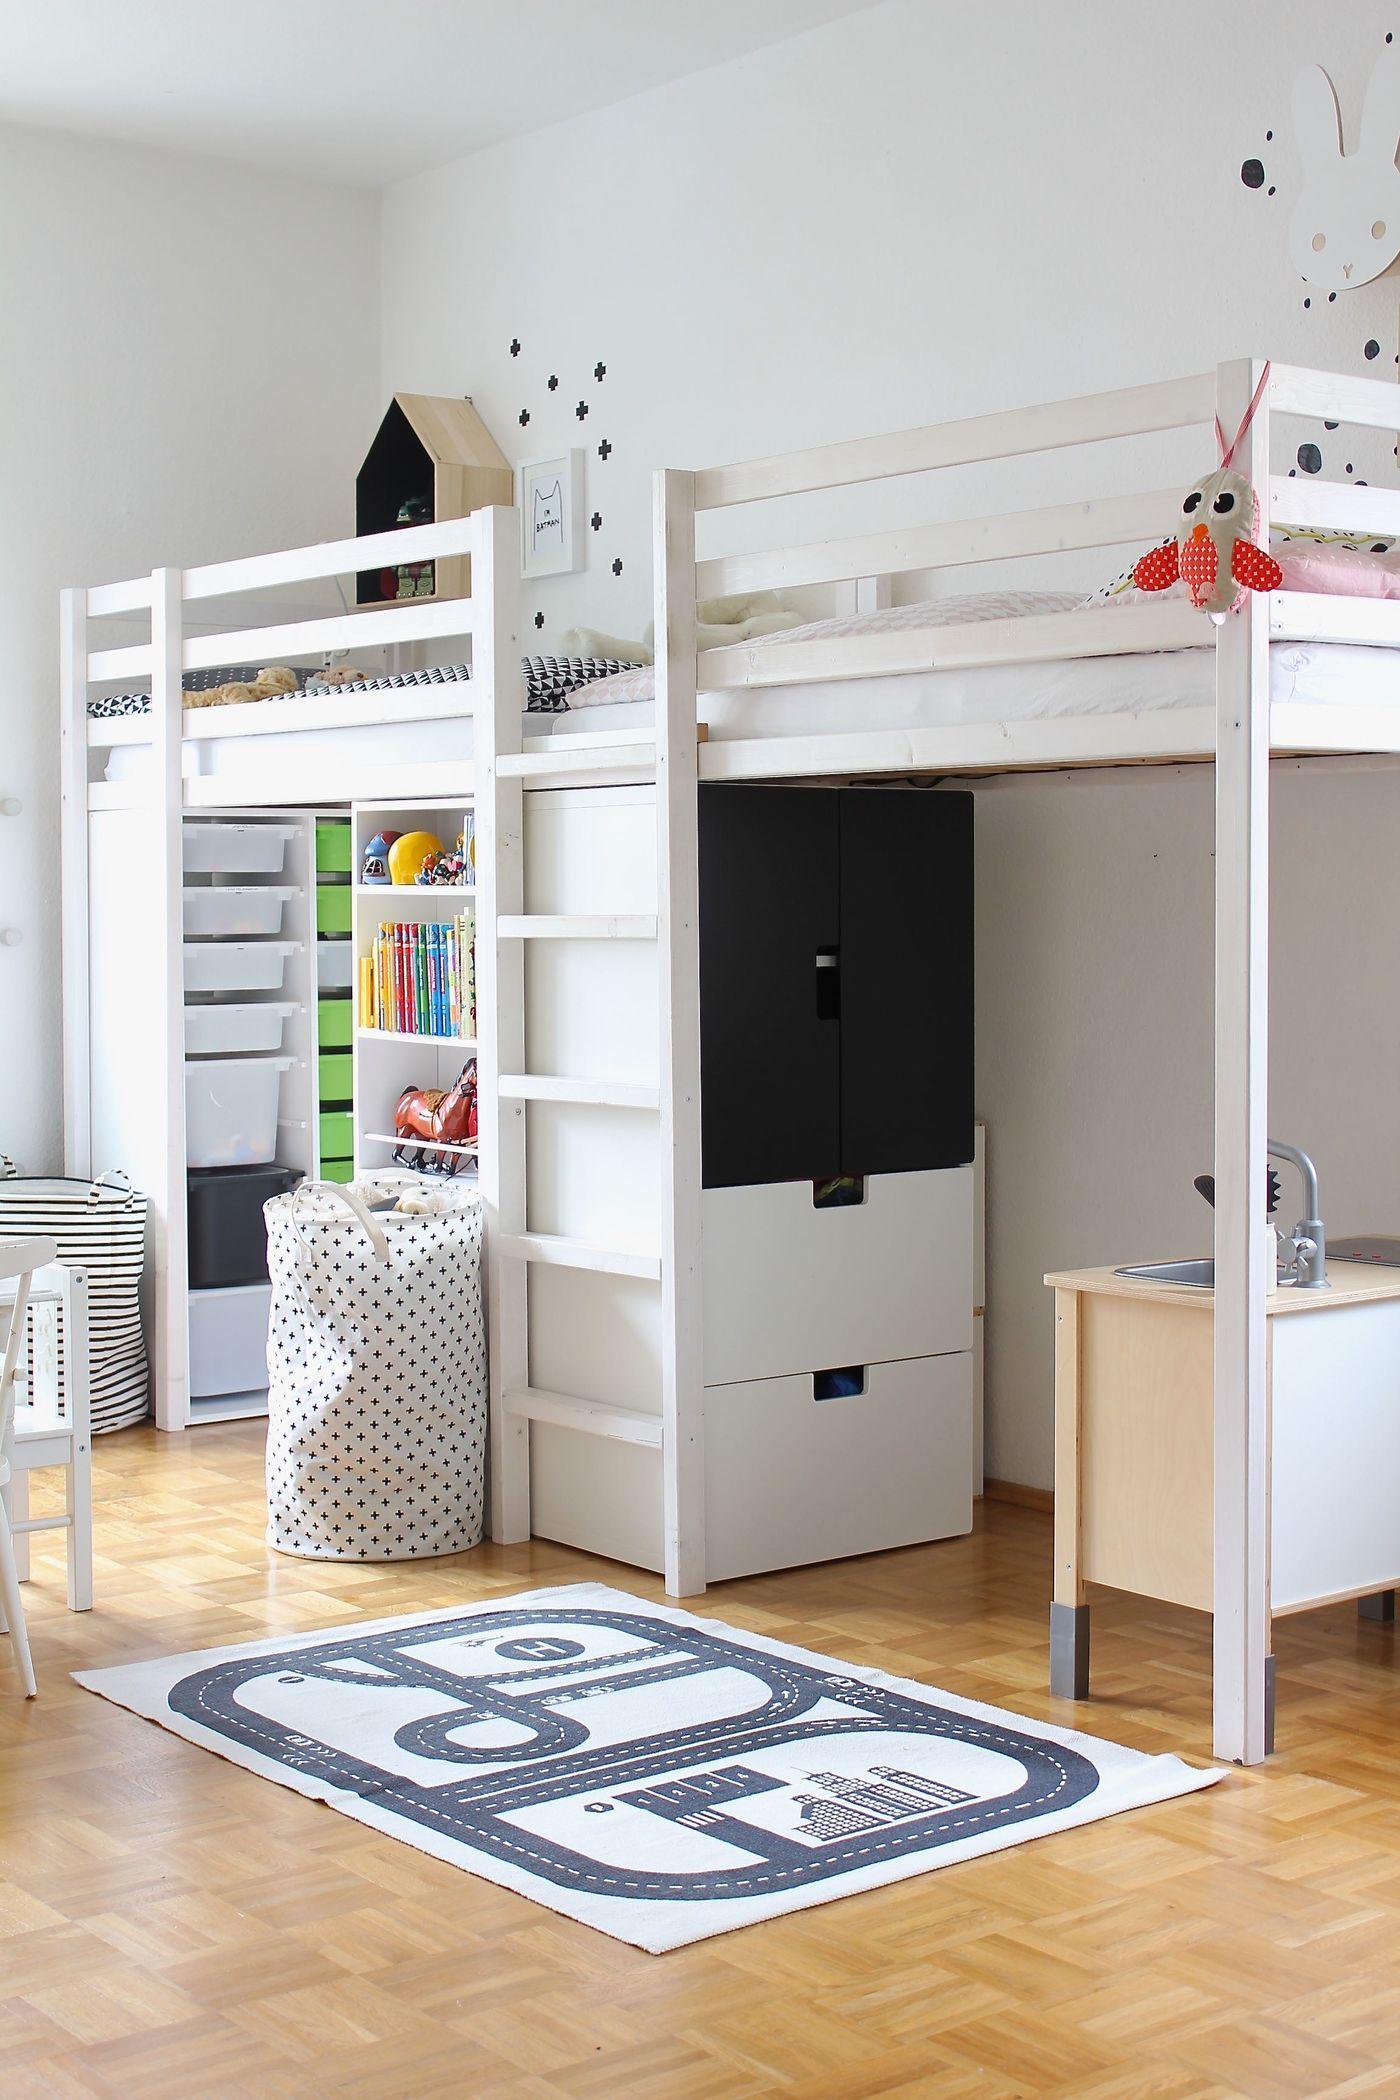 Full Size of Ideen Fr Das Ikea Stuva Kinderzimmer Einrichtungssystem Sofa Mit Schlaffunktion Küche Kaufen Miniküche Betten Bei Jugendzimmer 160x200 Kosten Modulküche Wohnzimmer Jugendzimmer Ikea